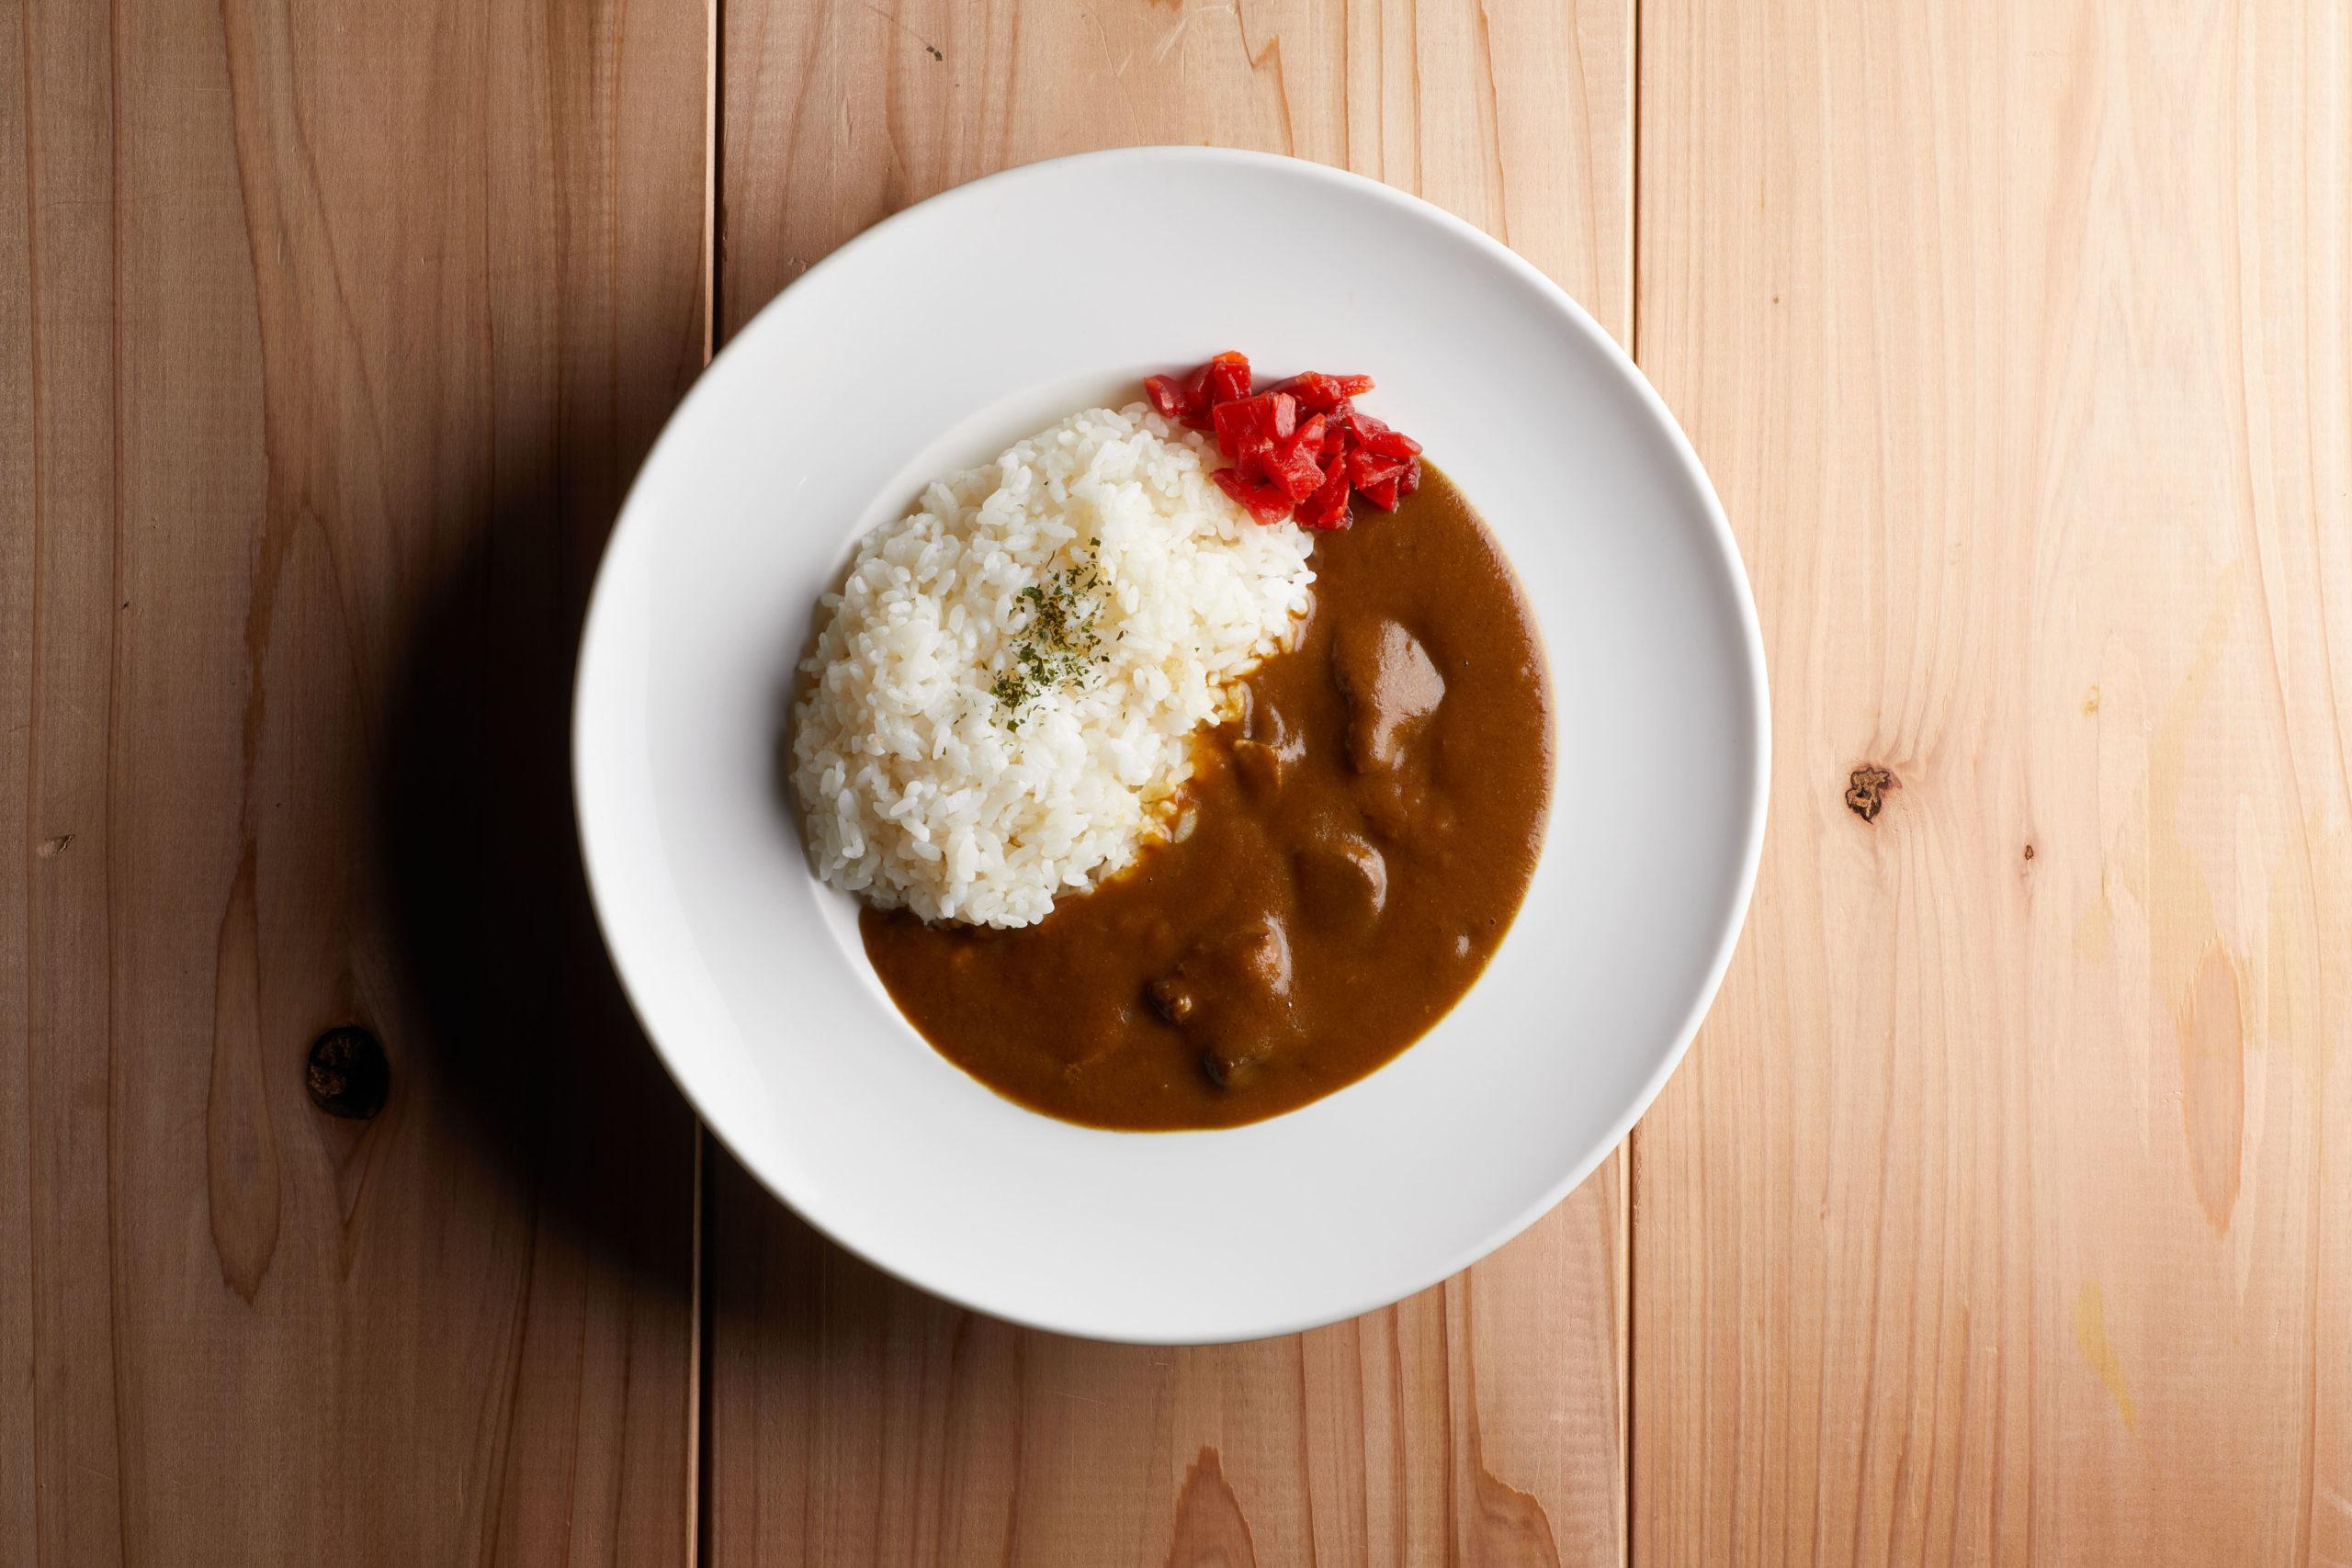 シュラスコ肉の入ったブロガドカレー